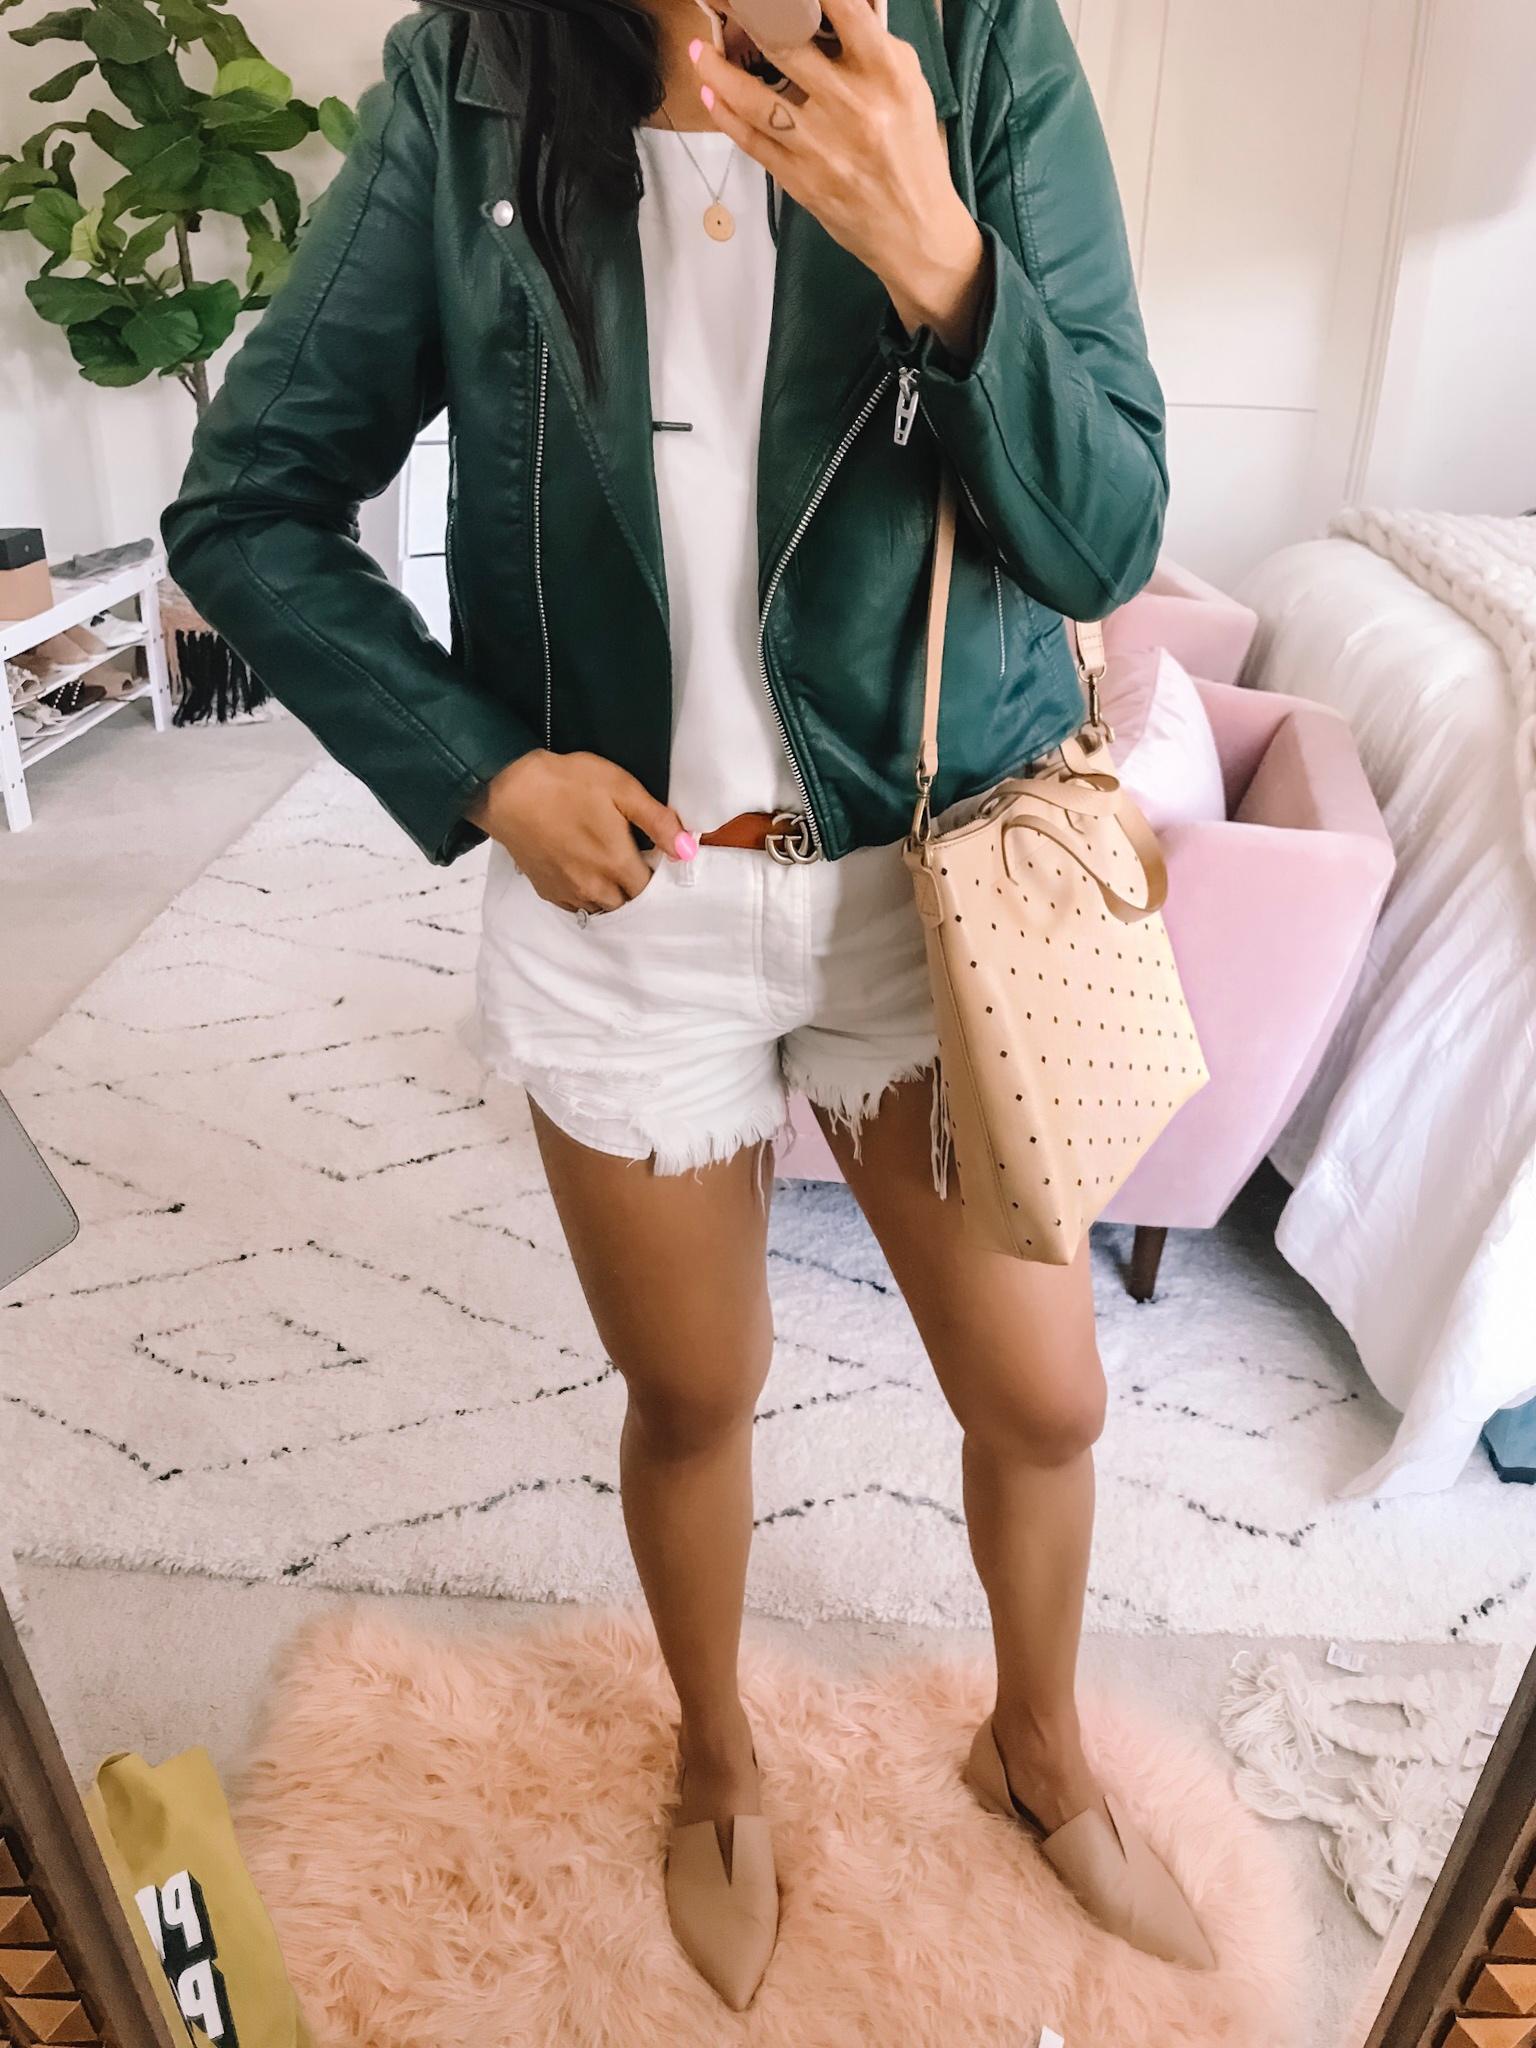 e892b99428c nordstrom anniversary sale 2018 picks outfits Public Access Restock -2